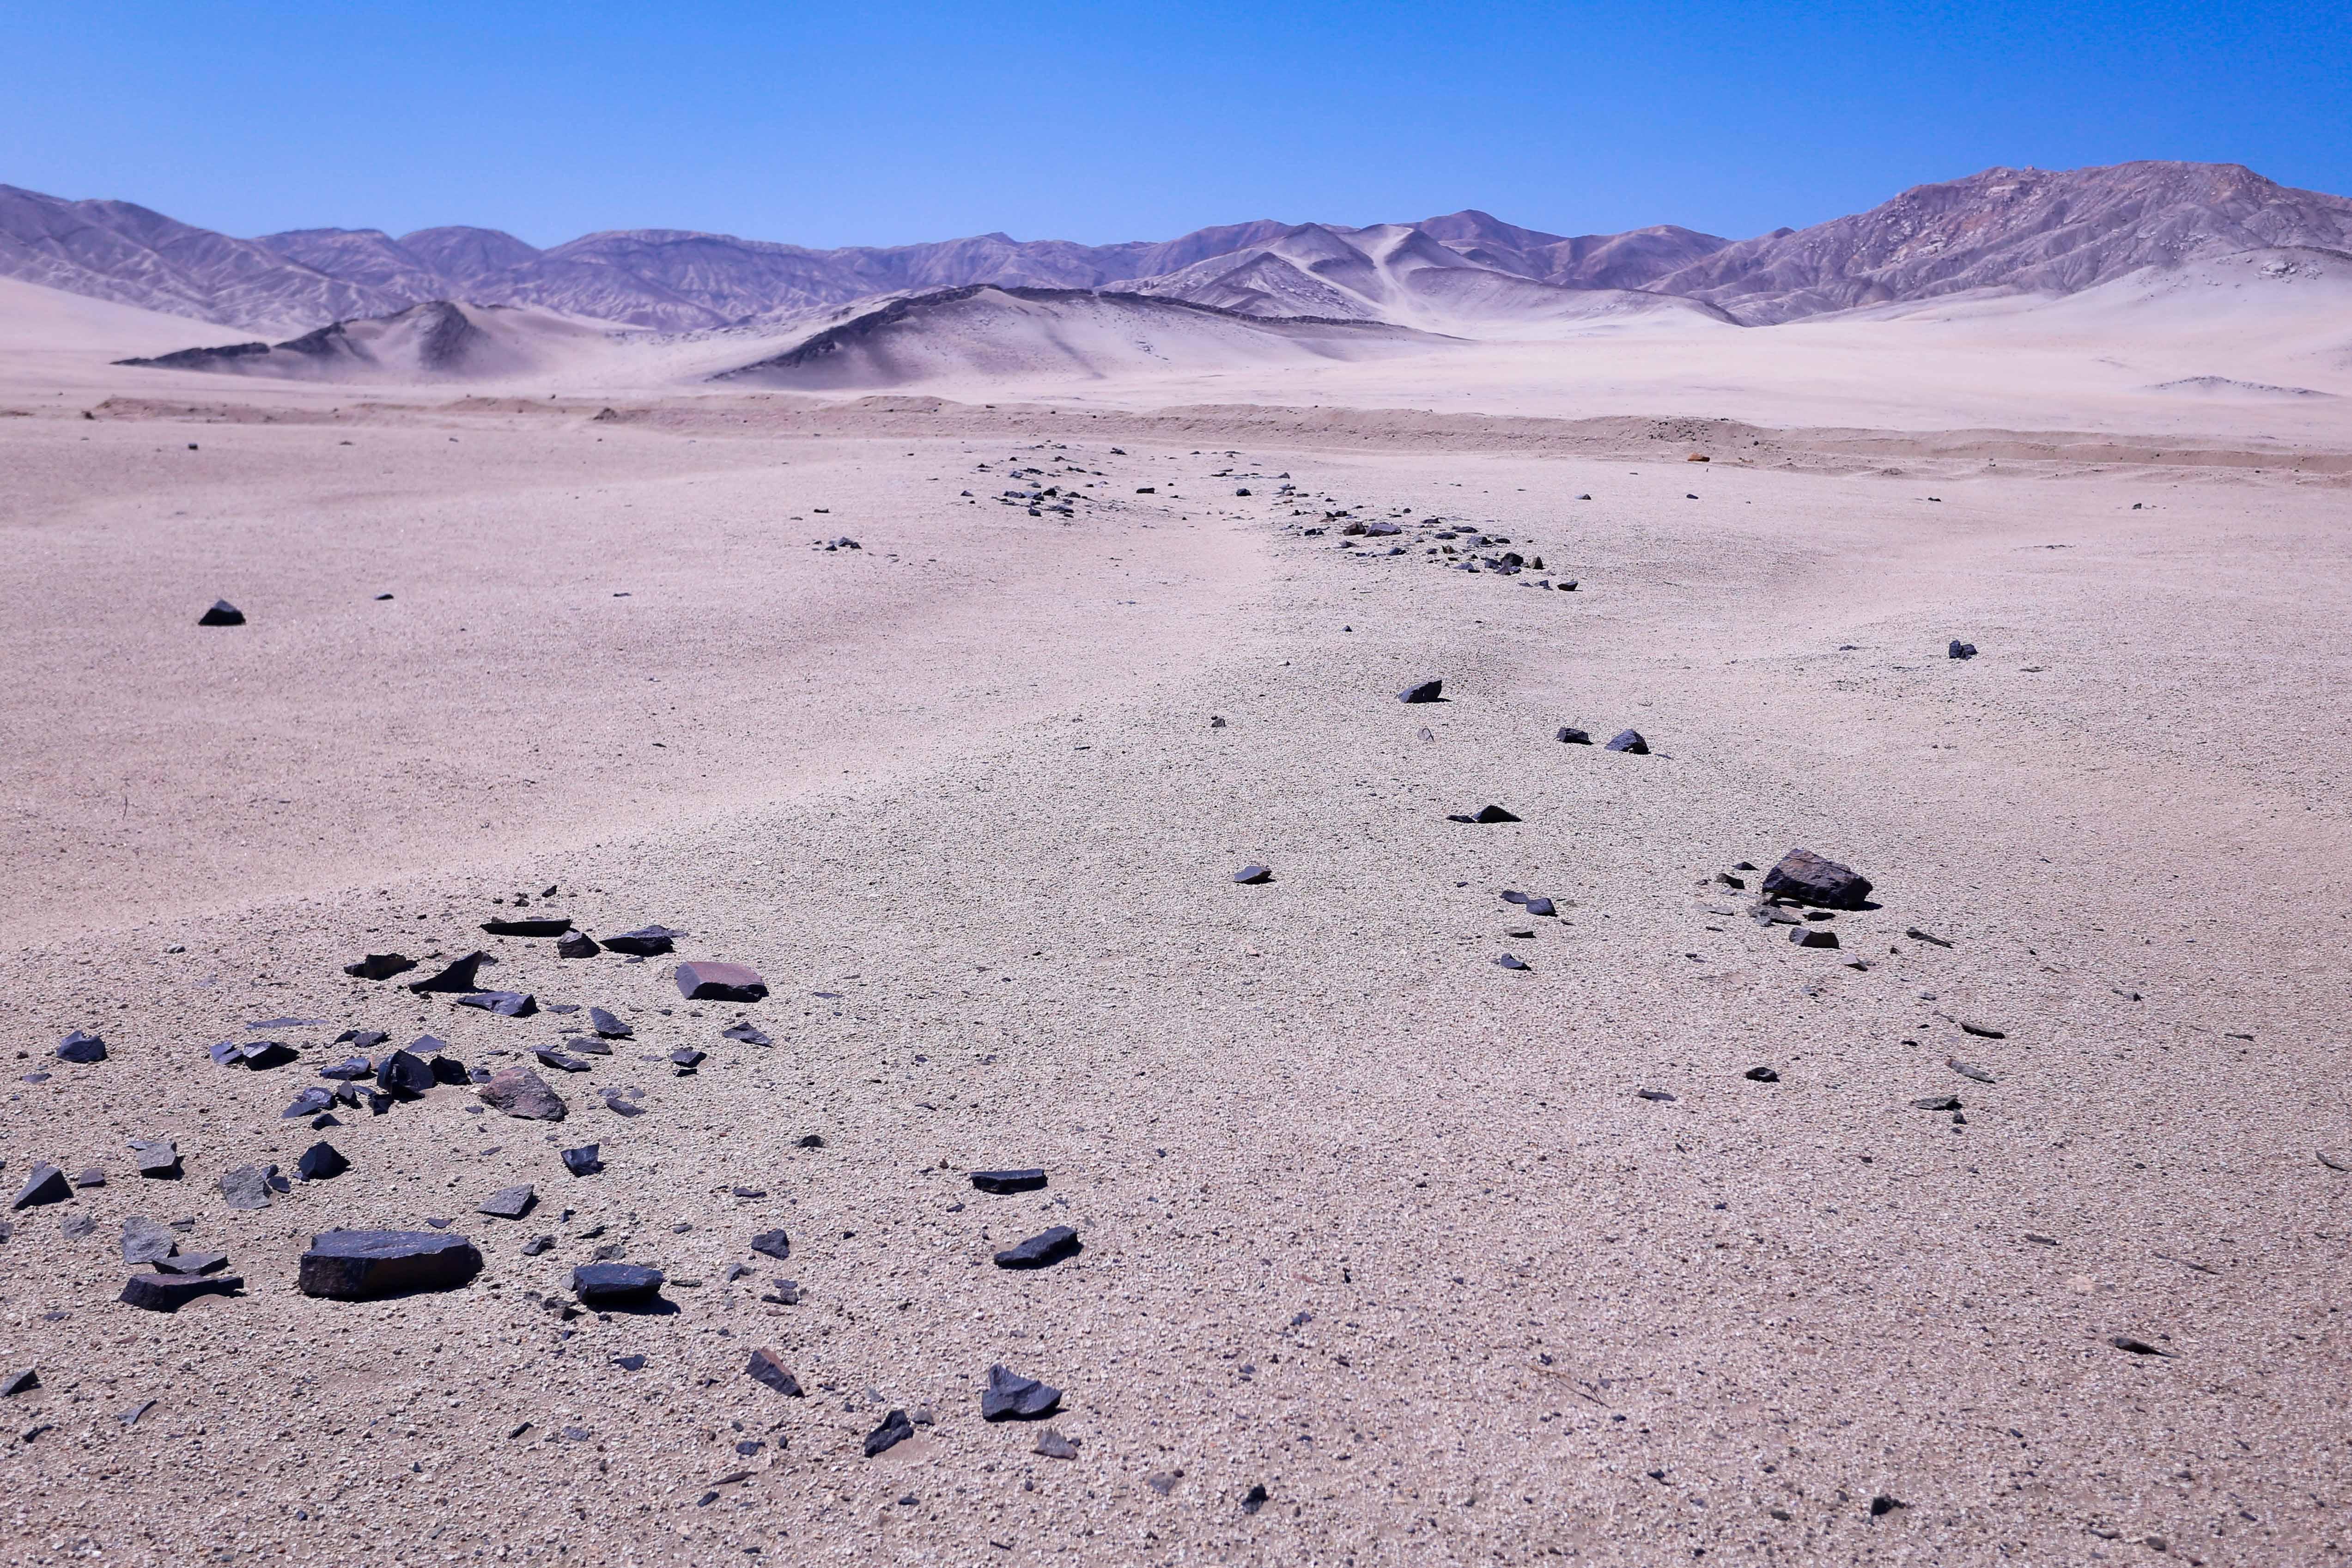 Unos lugares se parecen al planeta Marte